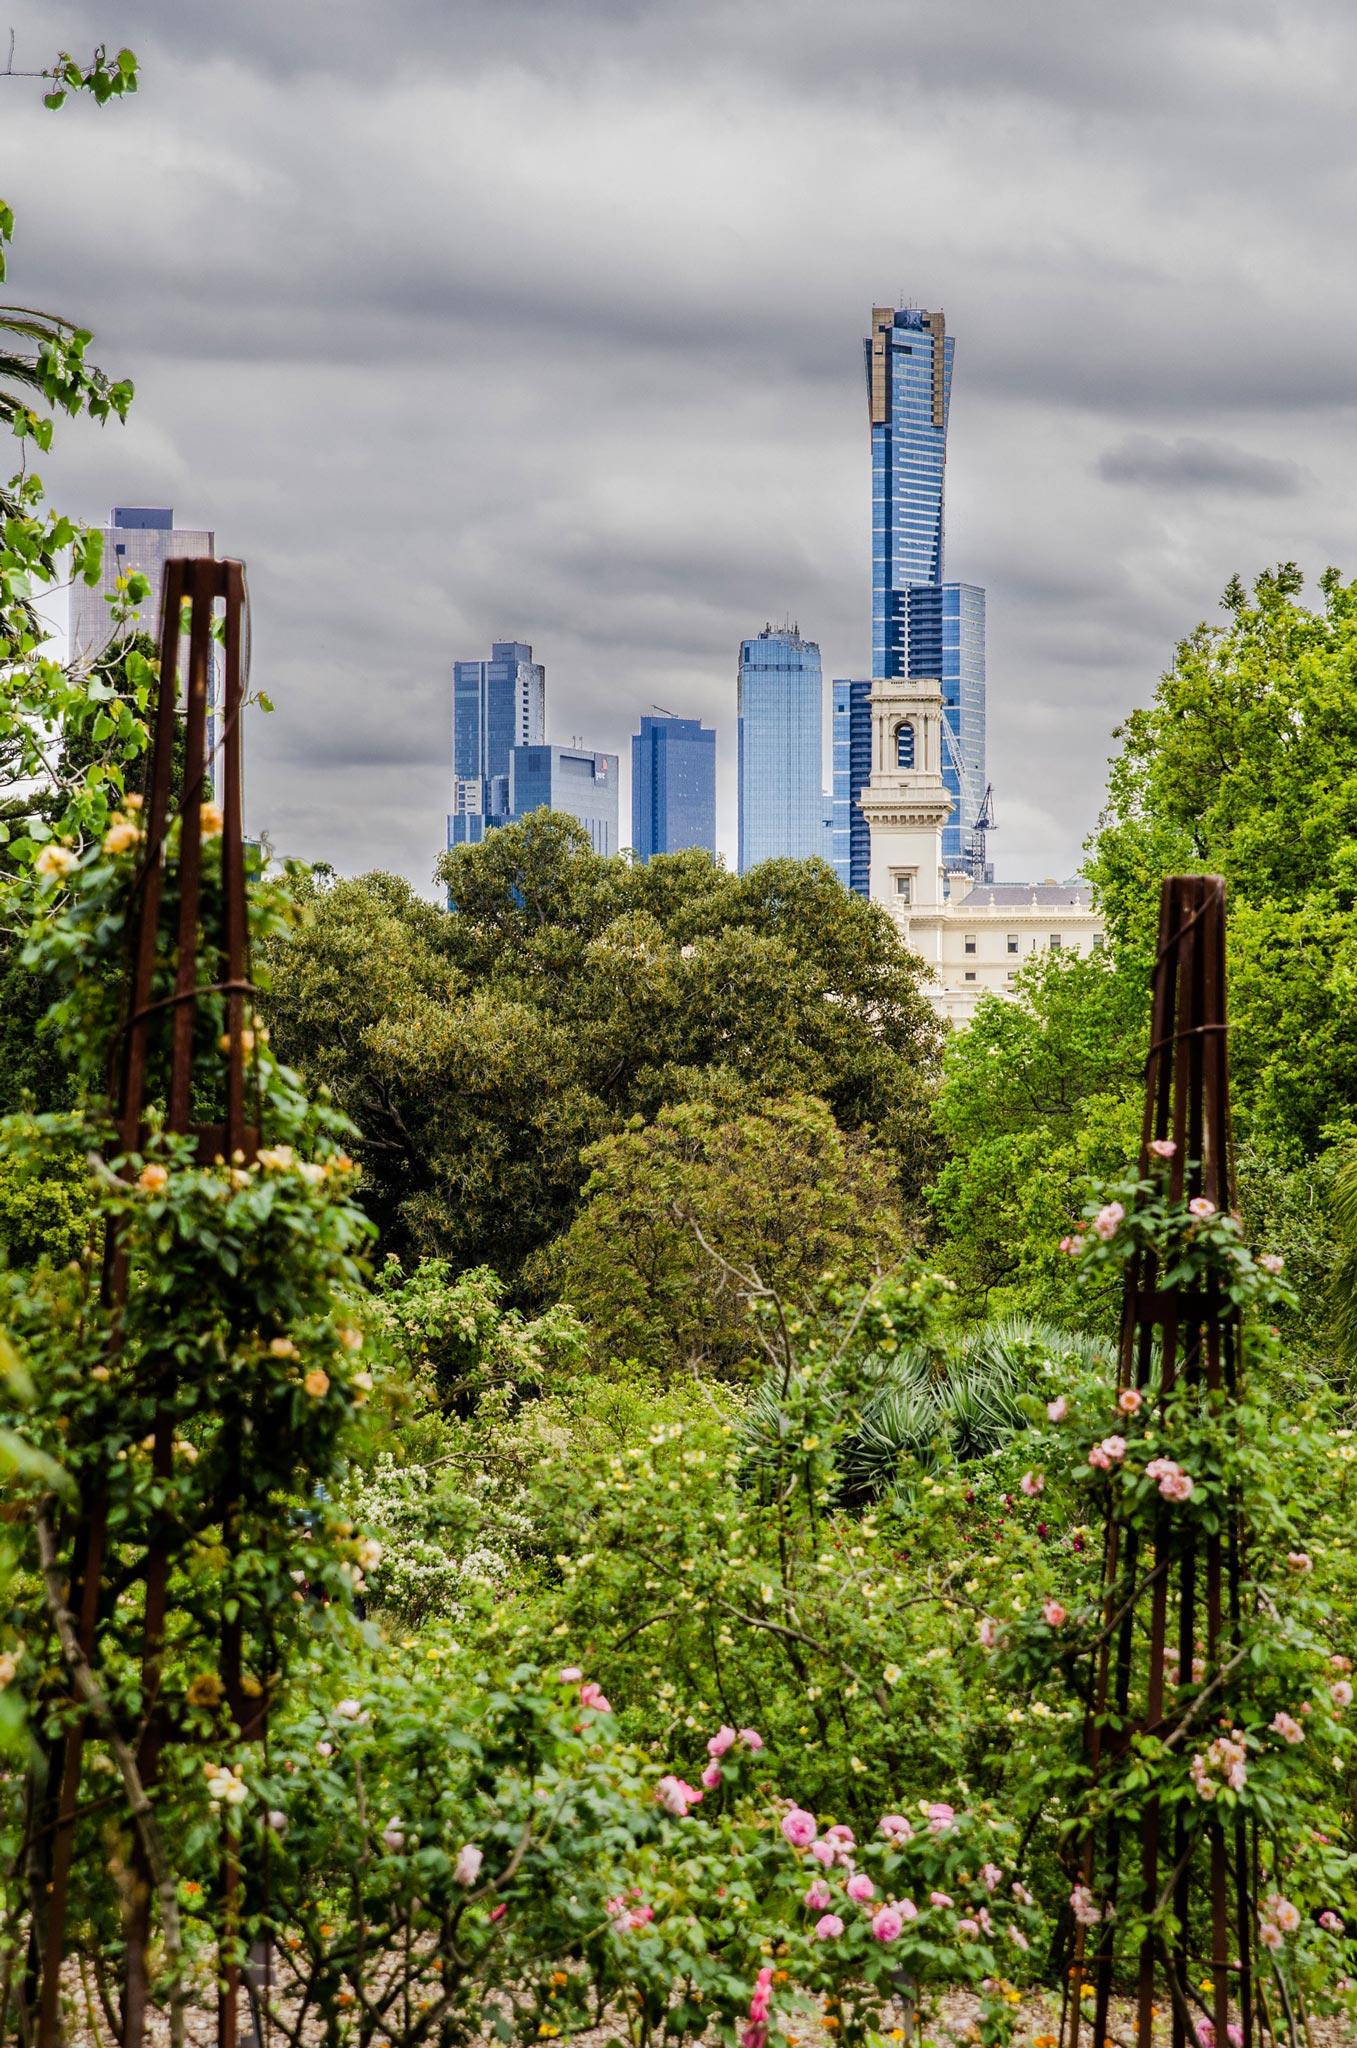 Paesaggi-Australia - DSC 0458 - Fotografo di paesaggio Melbourne Australia - Fotografo di paesaggio Melbourne Australia